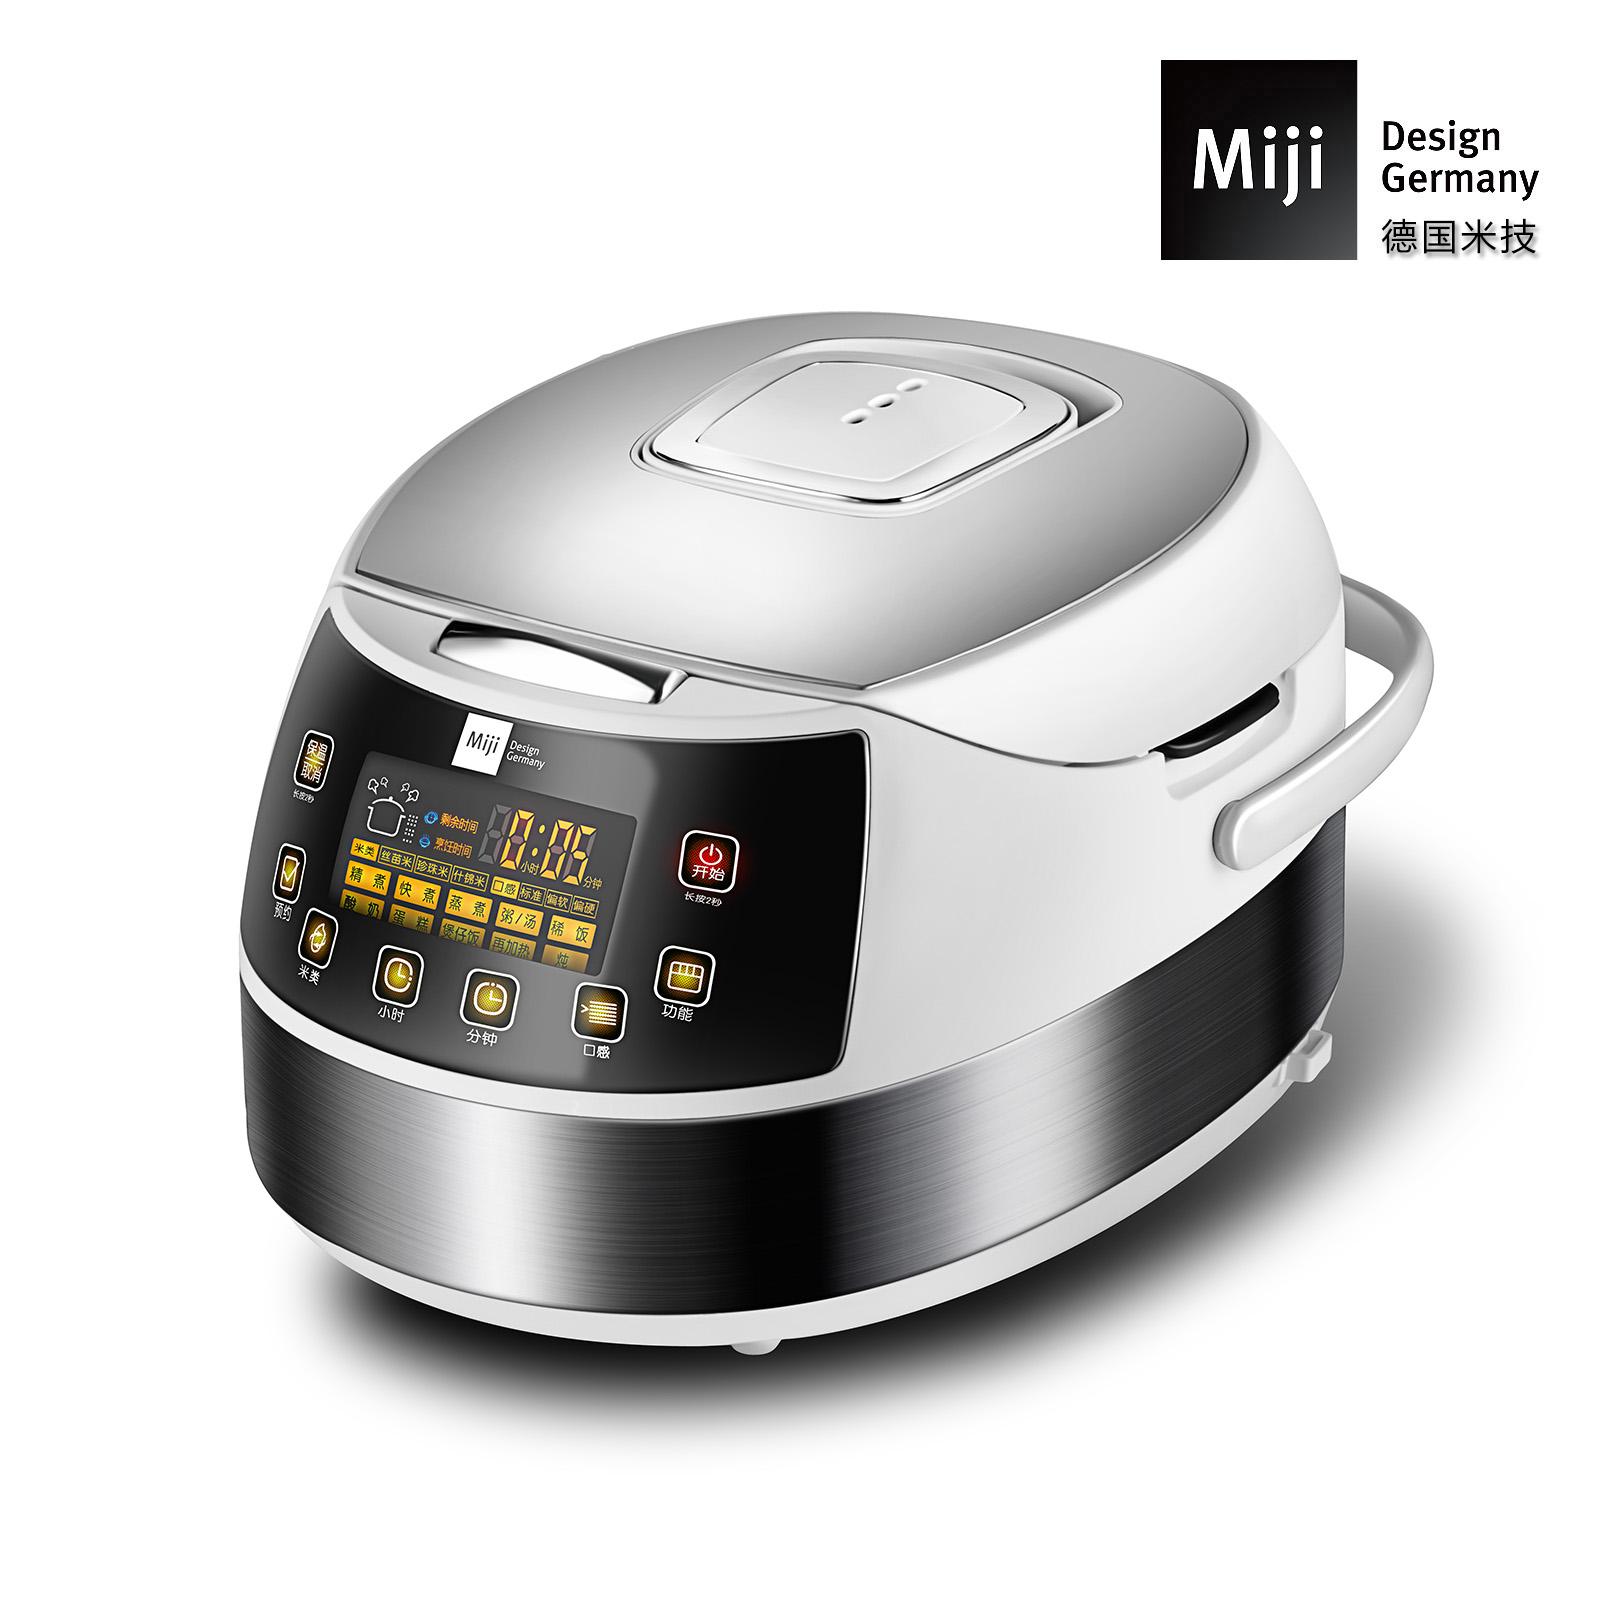 MIJI米技电饭煲电饭锅 大容量不粘内胆多功能智能预约微电脑触控EC40F